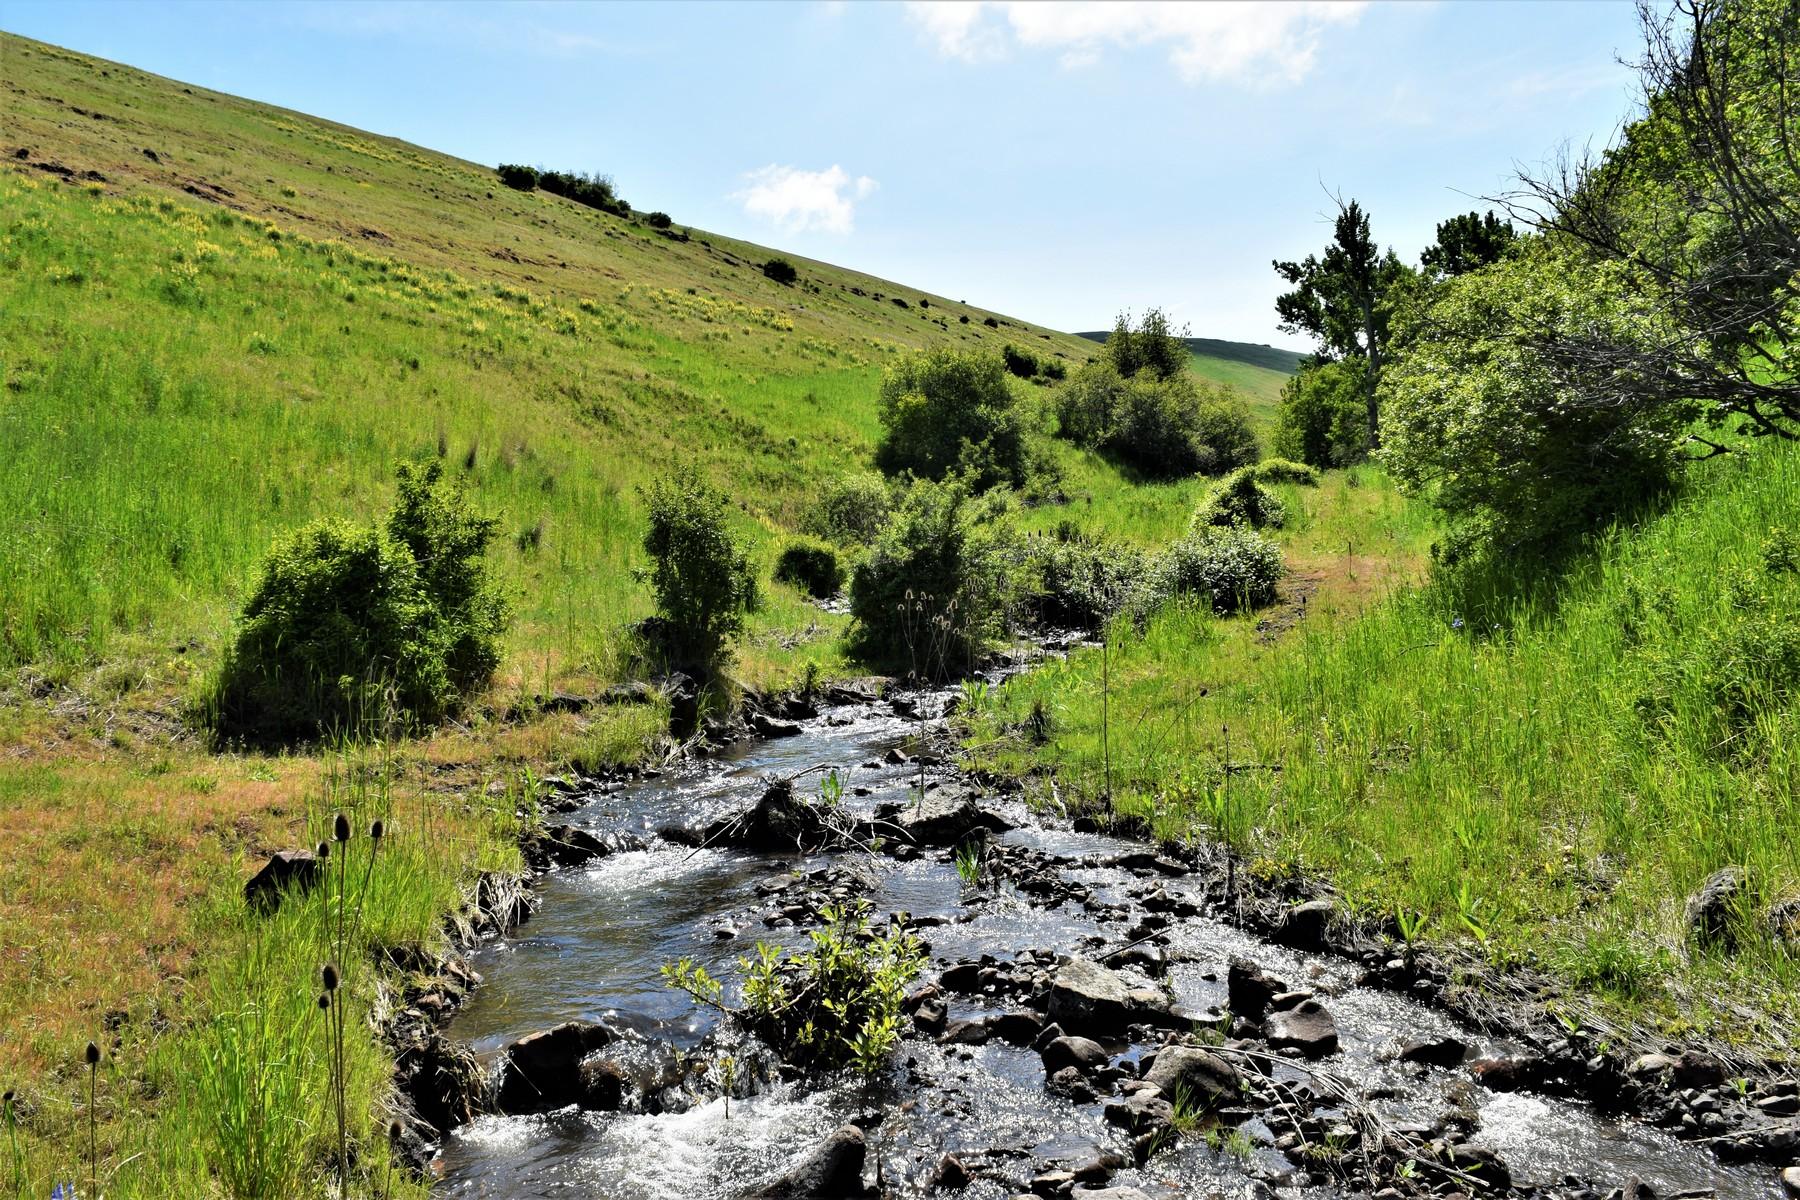 Ferme / Ranch / Plantation pour l Vente à Coyote Creek Ranch - Pendleton, OR 70015 Market Road, Pendleton, Oregon 97801 États-Unis